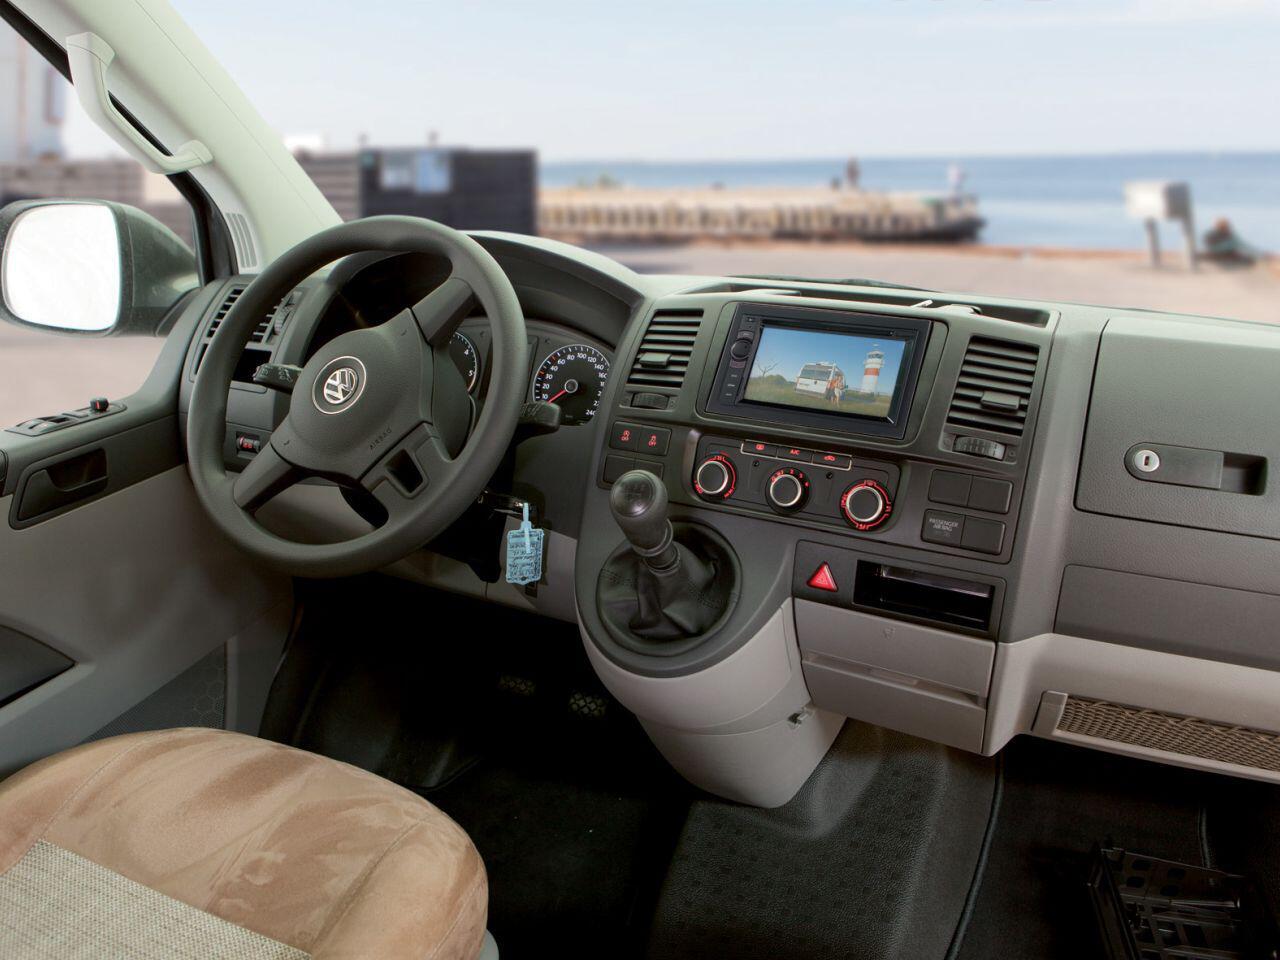 Bild zu Geräusche am Fahrzeug: Man sollte sie stets ernst nehmen und handeln